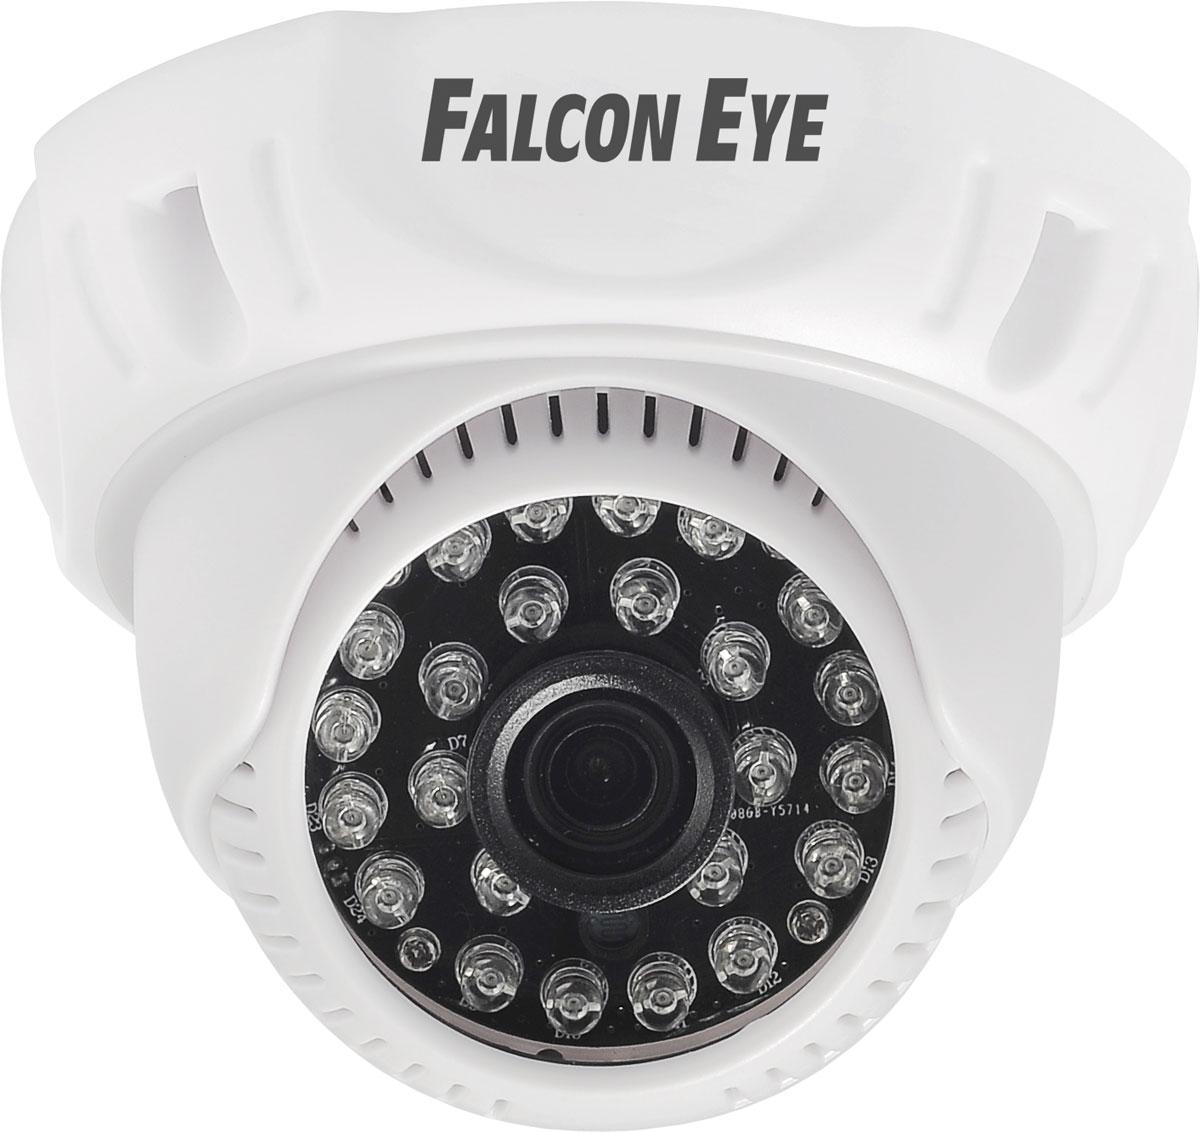 Falcon Eye FE-D720MHD/20M камера видеонаблюденияFE-D720MHD/20MFalcon Eye FE-D720MHD/20M - купольная видеокамера с разрешением HD (1280x800), которая имеет поддержку стандартов AHD-M/HD-CVI/HD-TVI/CVBS, ИК-подсветку до 20 м, а также переключение режимов с помощью кнопки.Данная модель имеет матрицу CMOS 1/4 H42, чувствительность 0.05 люкса, день/ночь, AWB, BLC, AGC. Встроенный объектив имеет фиксированный угол обзора 60°.Организация видеонаблюдения с помощью камер Falcon Eye MHD проста и понятна за счет небольших размеров, специальной конструкции для крепления и поддержки большинства популярных стандартов.